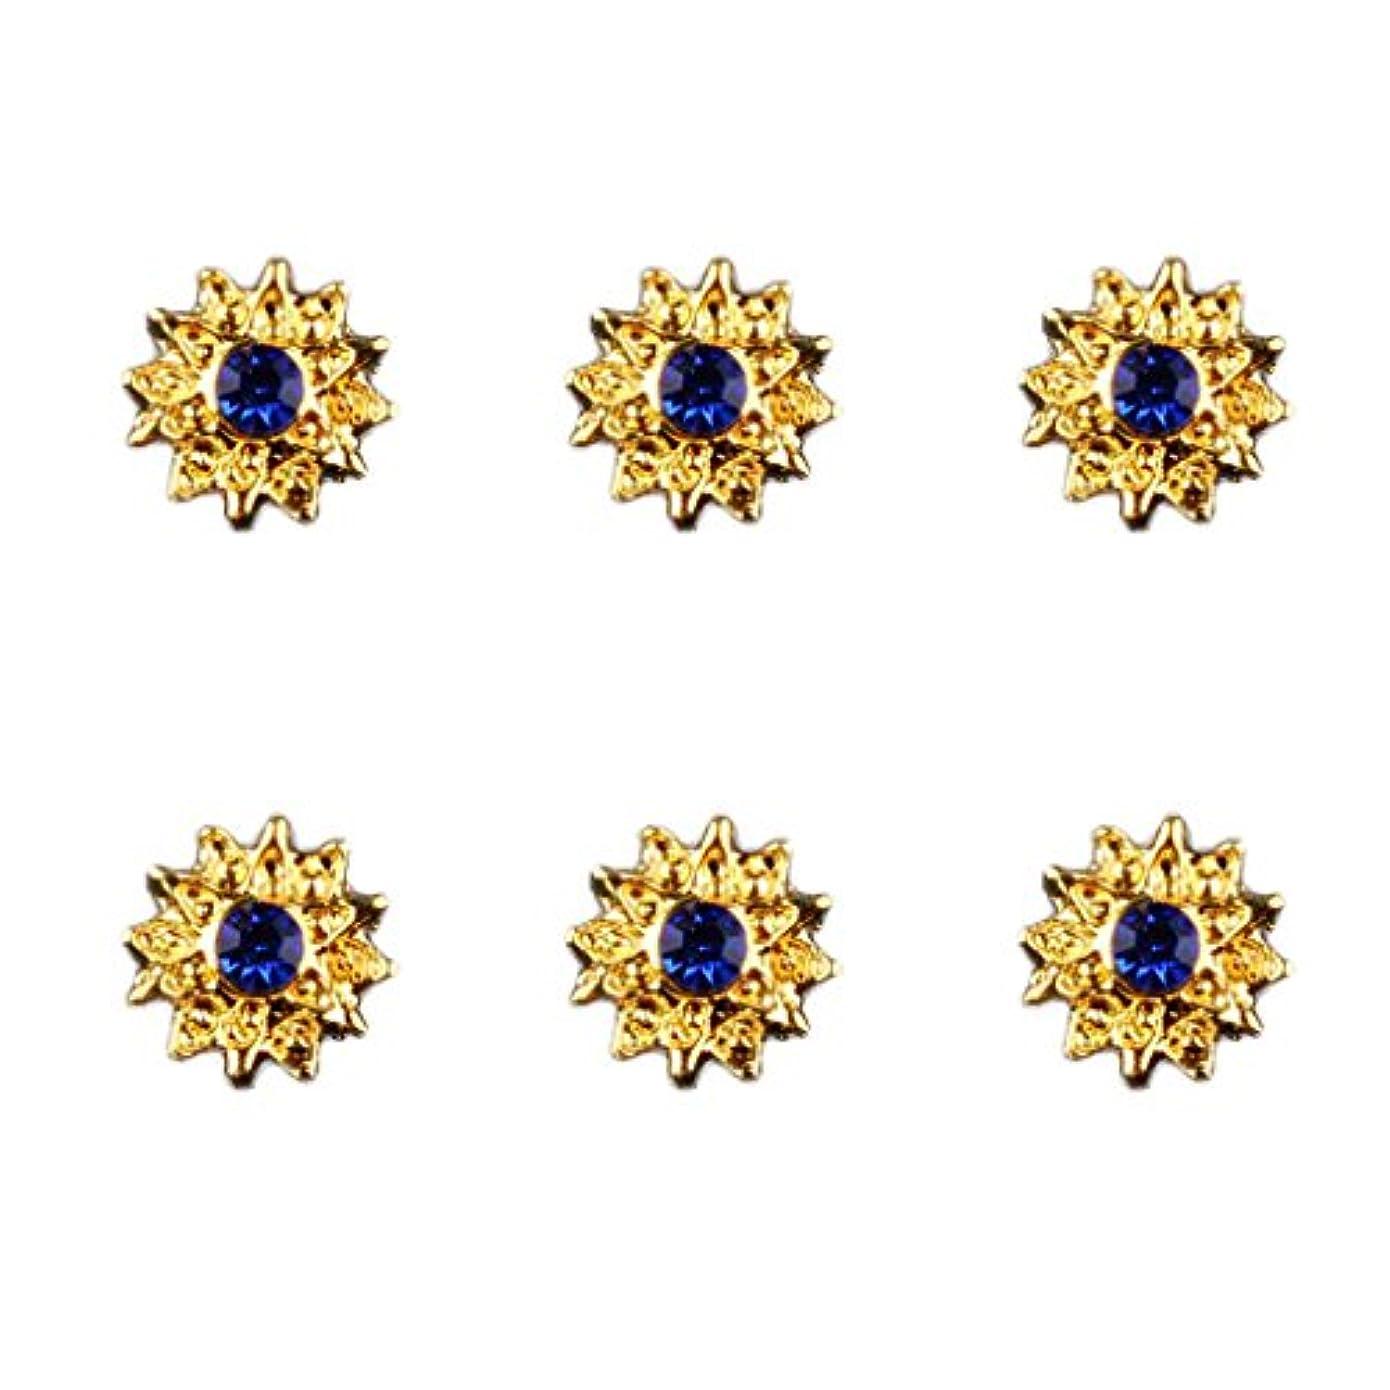 縮約今甥SM SunniMix 約50個入り マニキュア ダイヤモンド 3Dネイルアート ヒントステッカー 装飾 全8種類 - 6